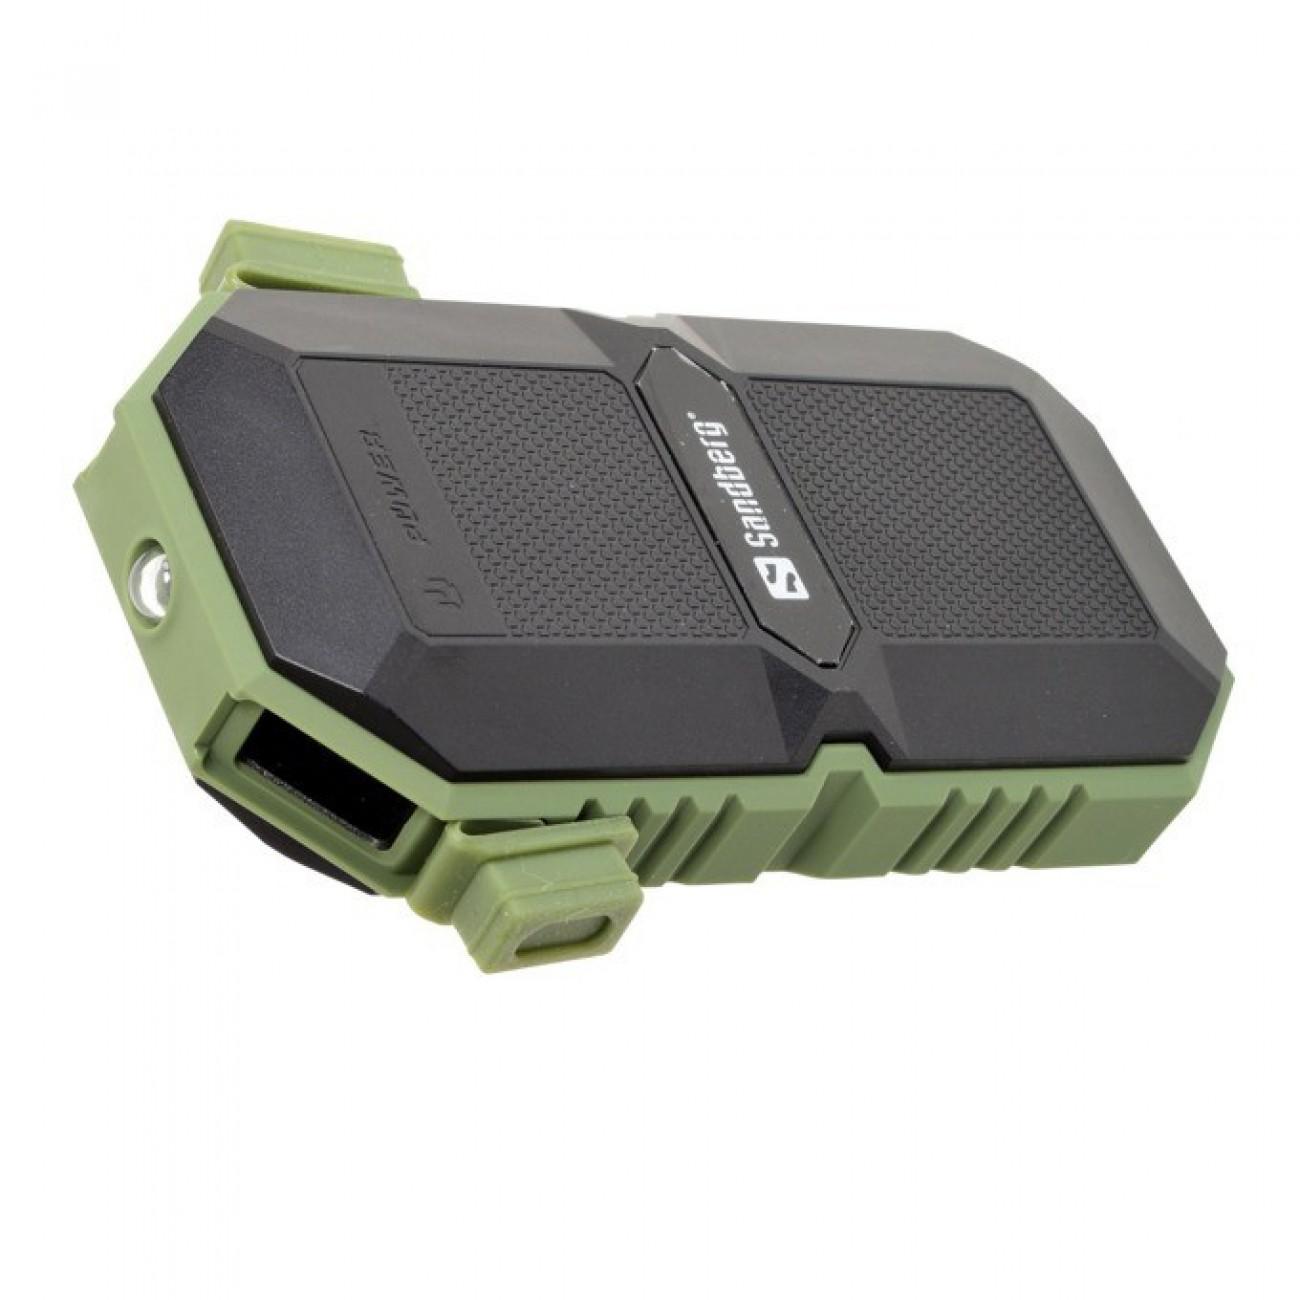 Външна батерия/power bank/ Sandberg 420-27, 6000 mAh, IP67 защитен корпус, черно/зелена в Външни батерии -  | Alleop